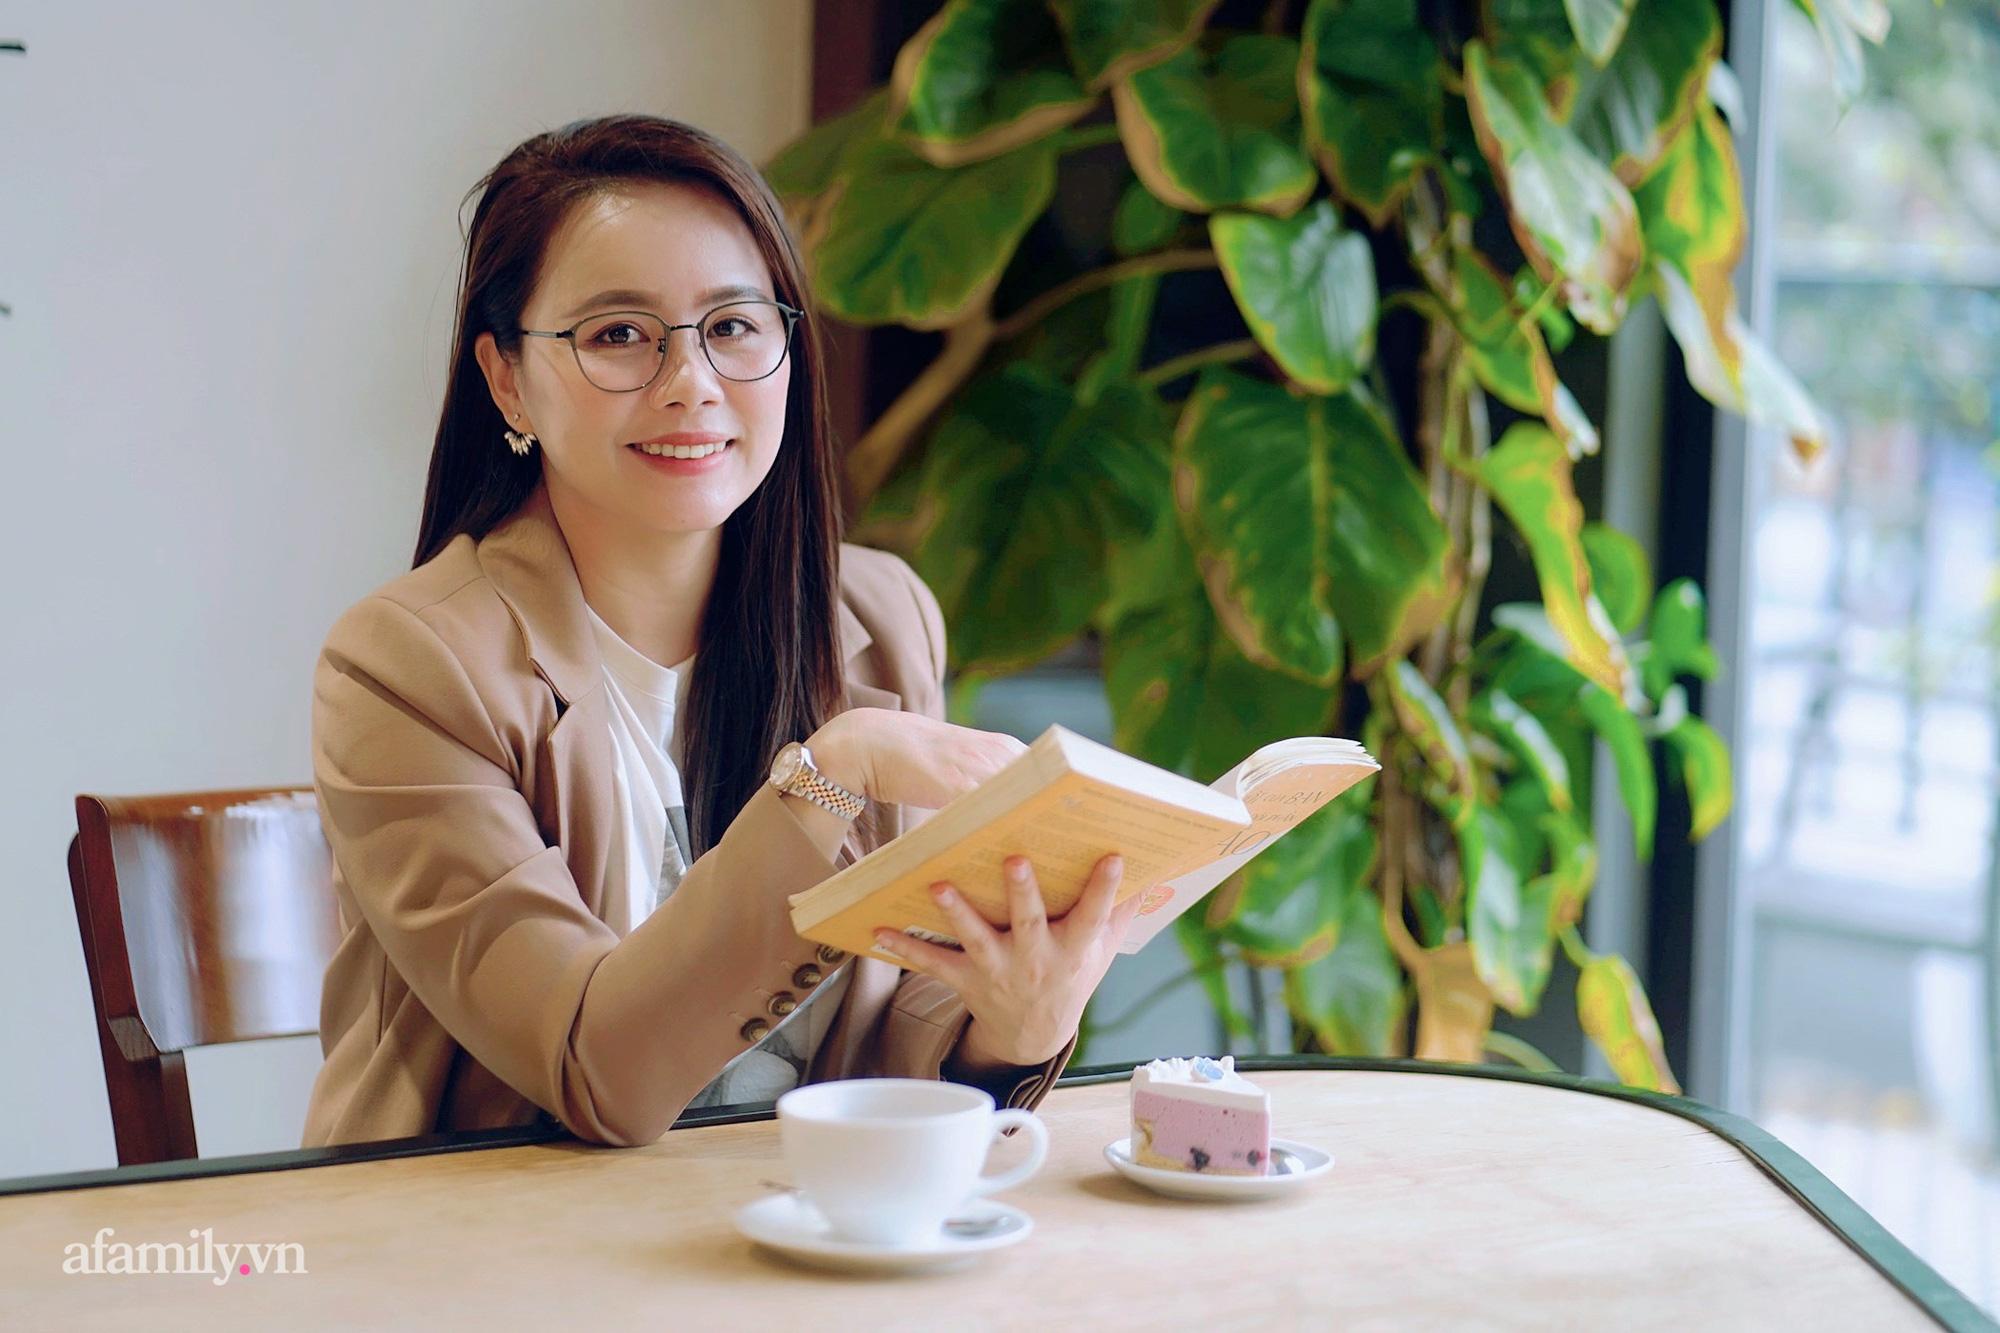 """Ms Hoa TOEIC - cựu sinh viên Ngoại thương trở thành Chủ tịch hệ thống Anh ngữ lần đầu chia sẻ ý nghĩa thực sự của cái tên """"nhìn vậy mà không phải vậy"""" cùng bí mật cuộc sống phía sau sự nổi tiếng  - Ảnh 2."""